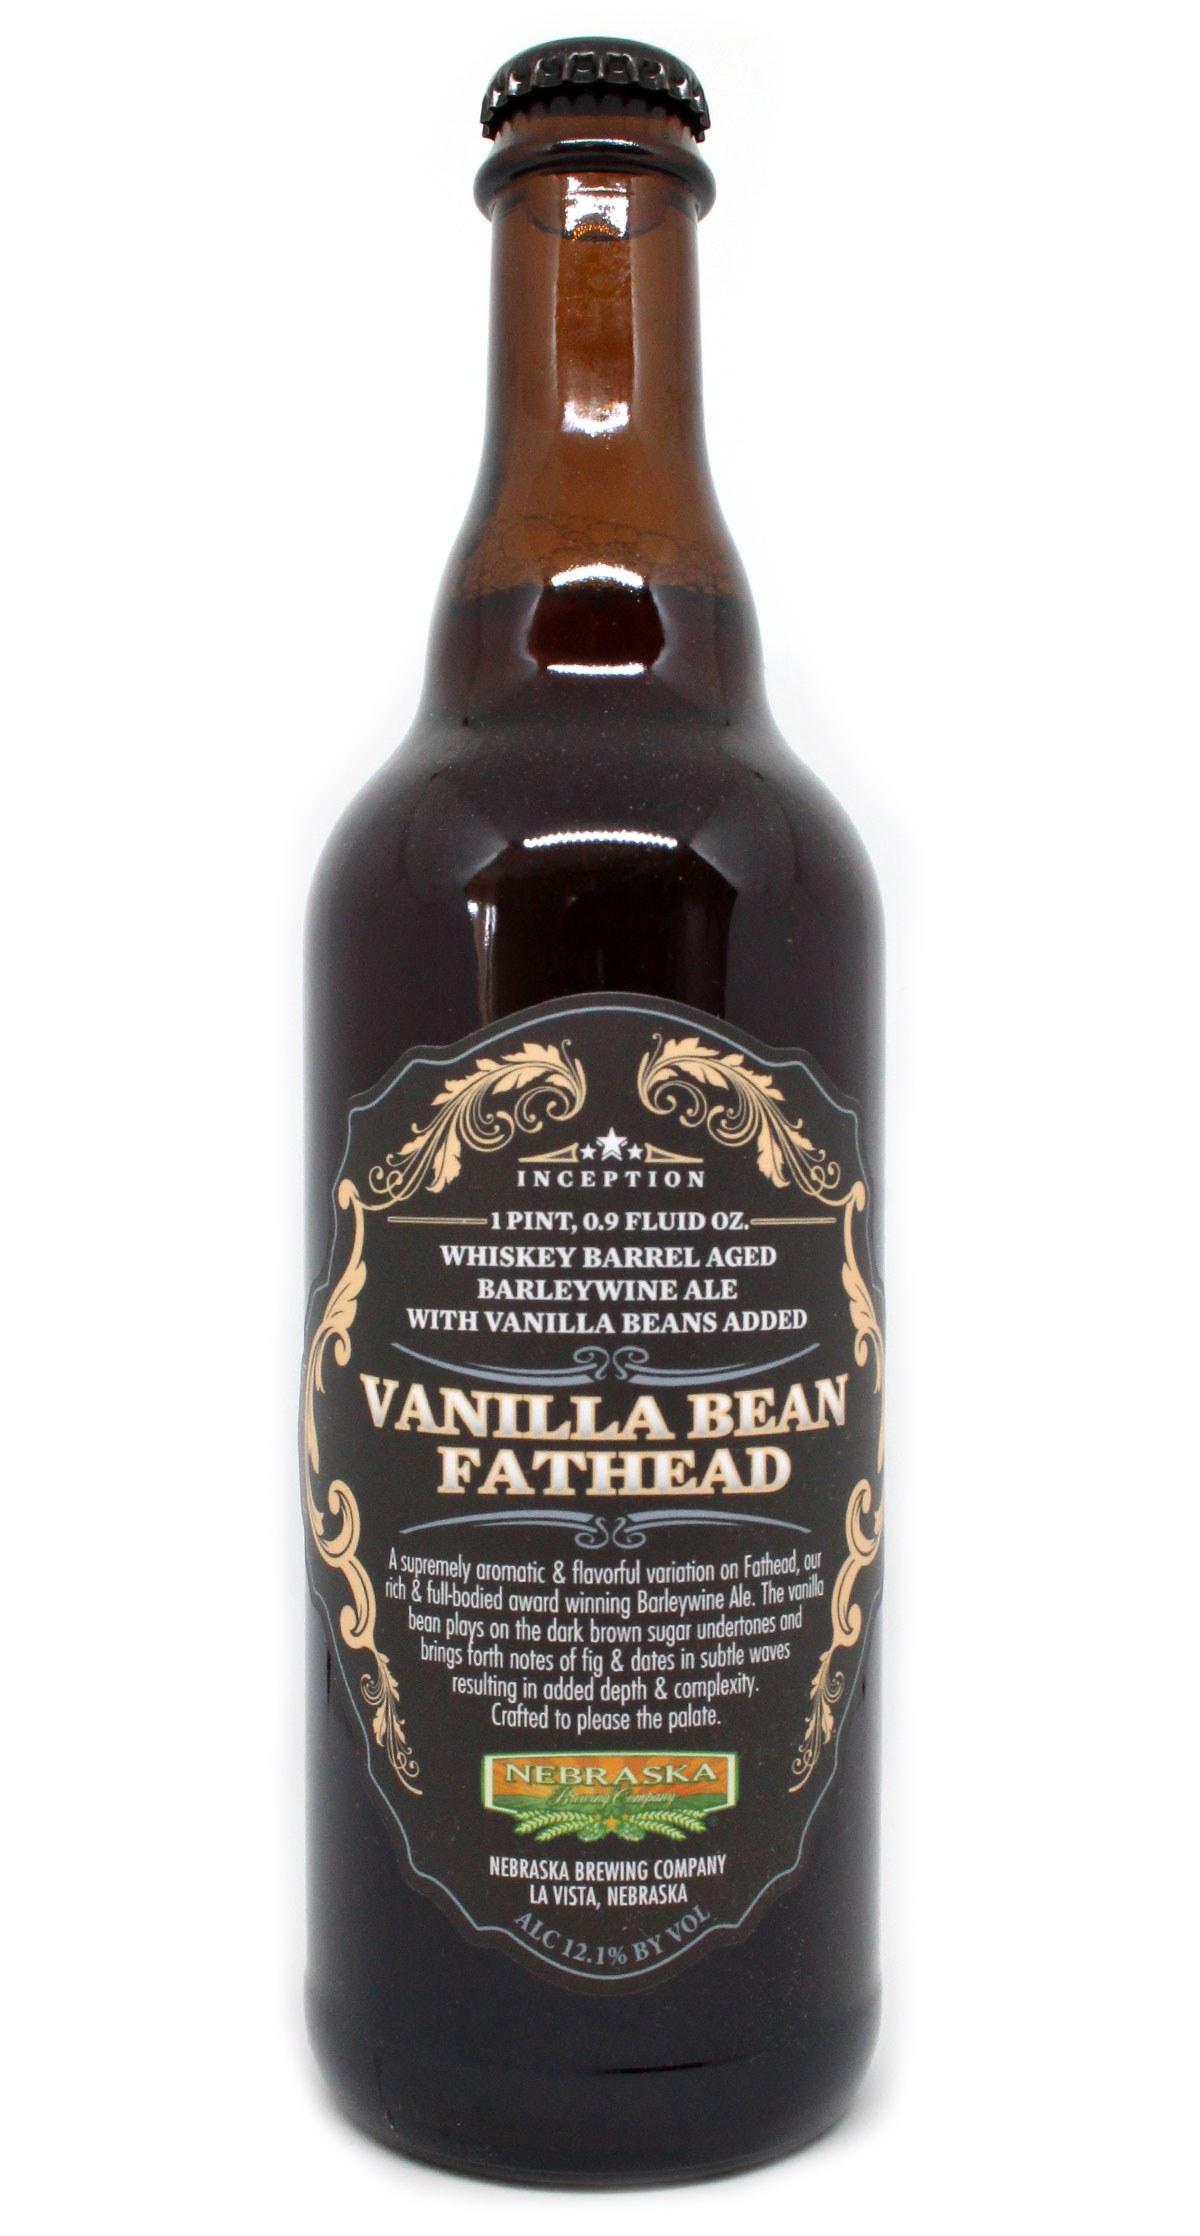 Vanilla Bean Fathead 2020